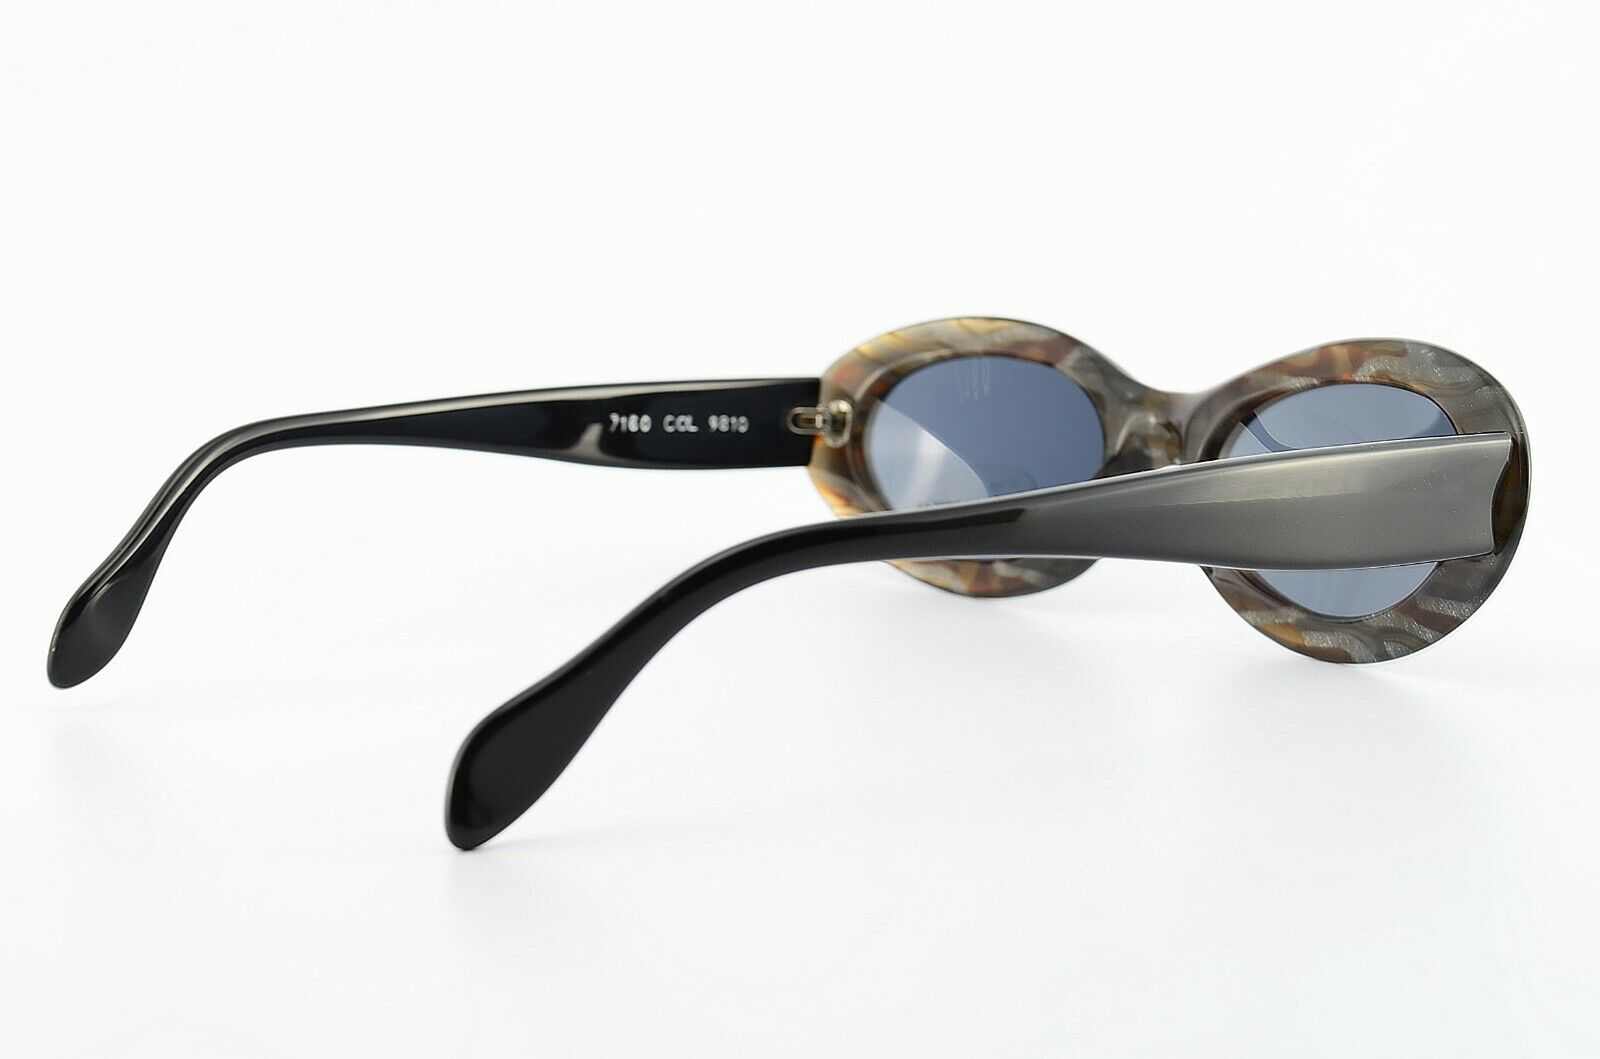 MIKLI par MIKLI Sonnenbrille 7160 Col.  9810 Vintage Vintage Vintage Sunglasses Oval 90s France   Clever und praktisch    Verkauf    Elegante Und Stabile Verpackung  aac2ee